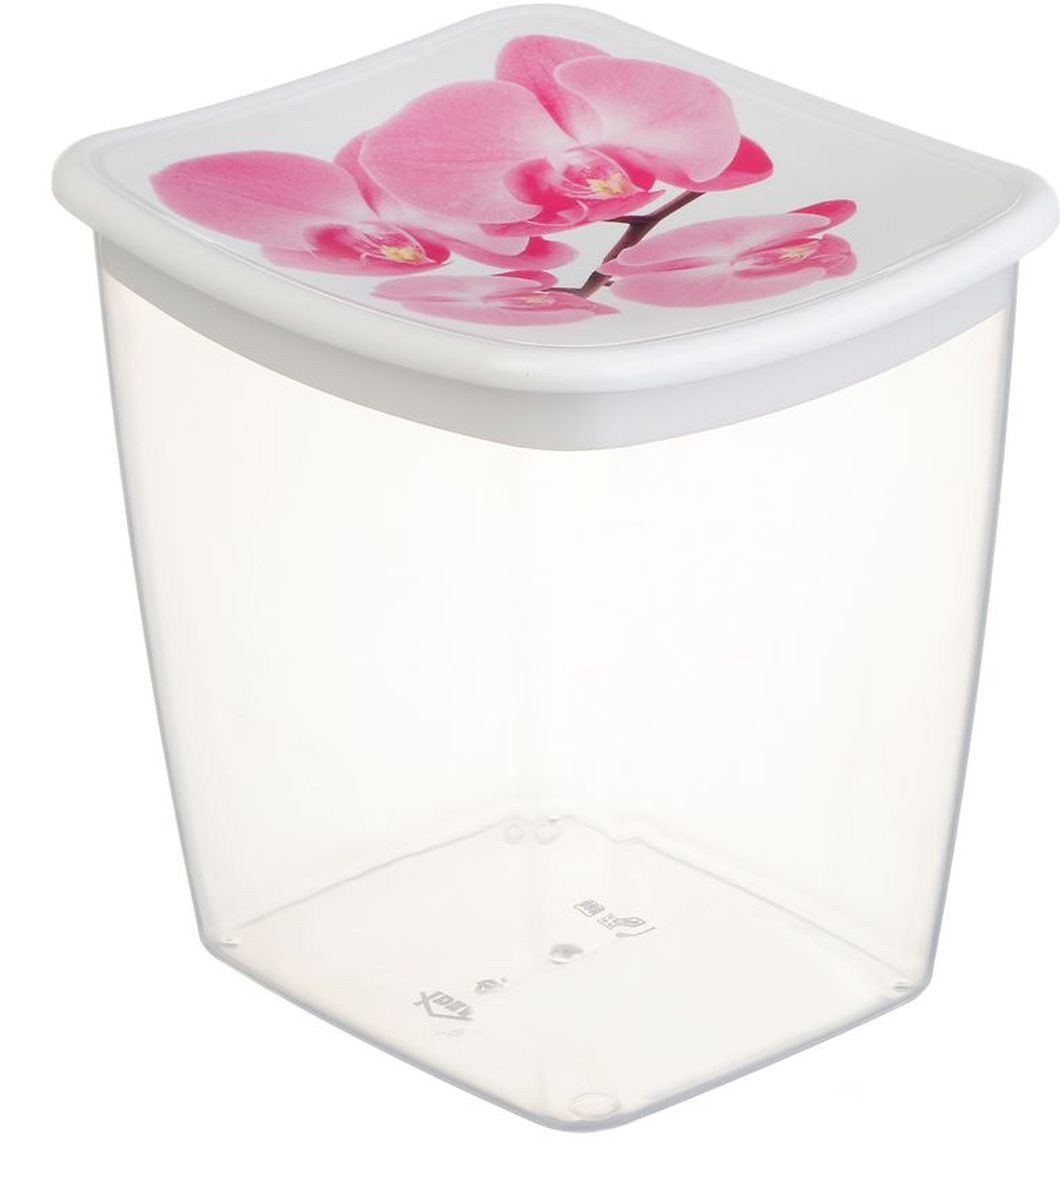 Емкость для сыпучих продуктов Idea Деко. Орхидея, 1 лVT-1520(SR)Емкость Idea Деко. Орхидея выполнена из пищевого полипропилена и предназначена для хранения сыпучих продуктов. Не содержит Бисфенол A. Изделие оснащено плотно закрывающейся крышкой, благодаря которой продукты дольше остаются свежими.